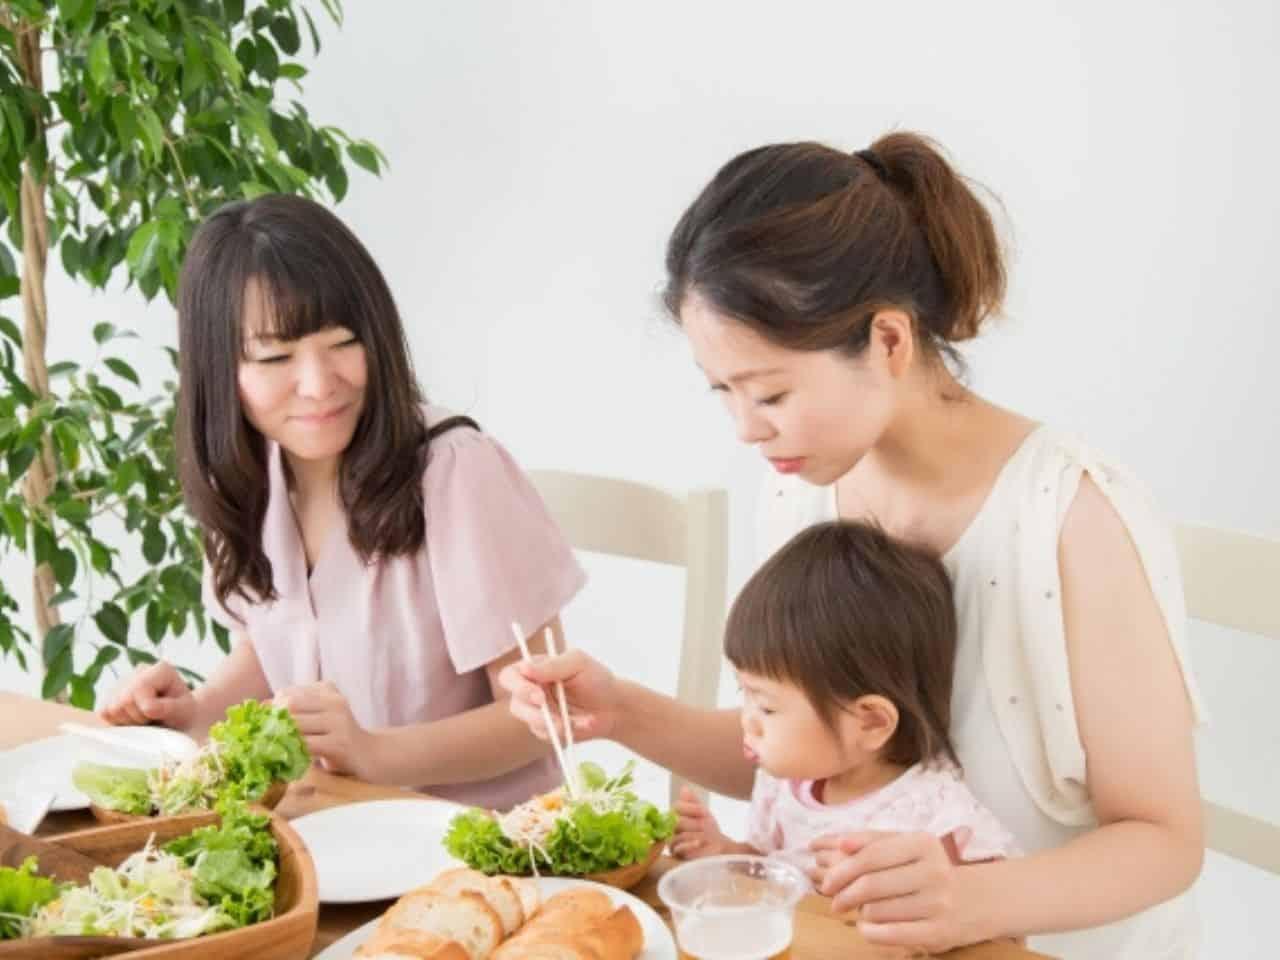 ゆっくりと食事をする親子